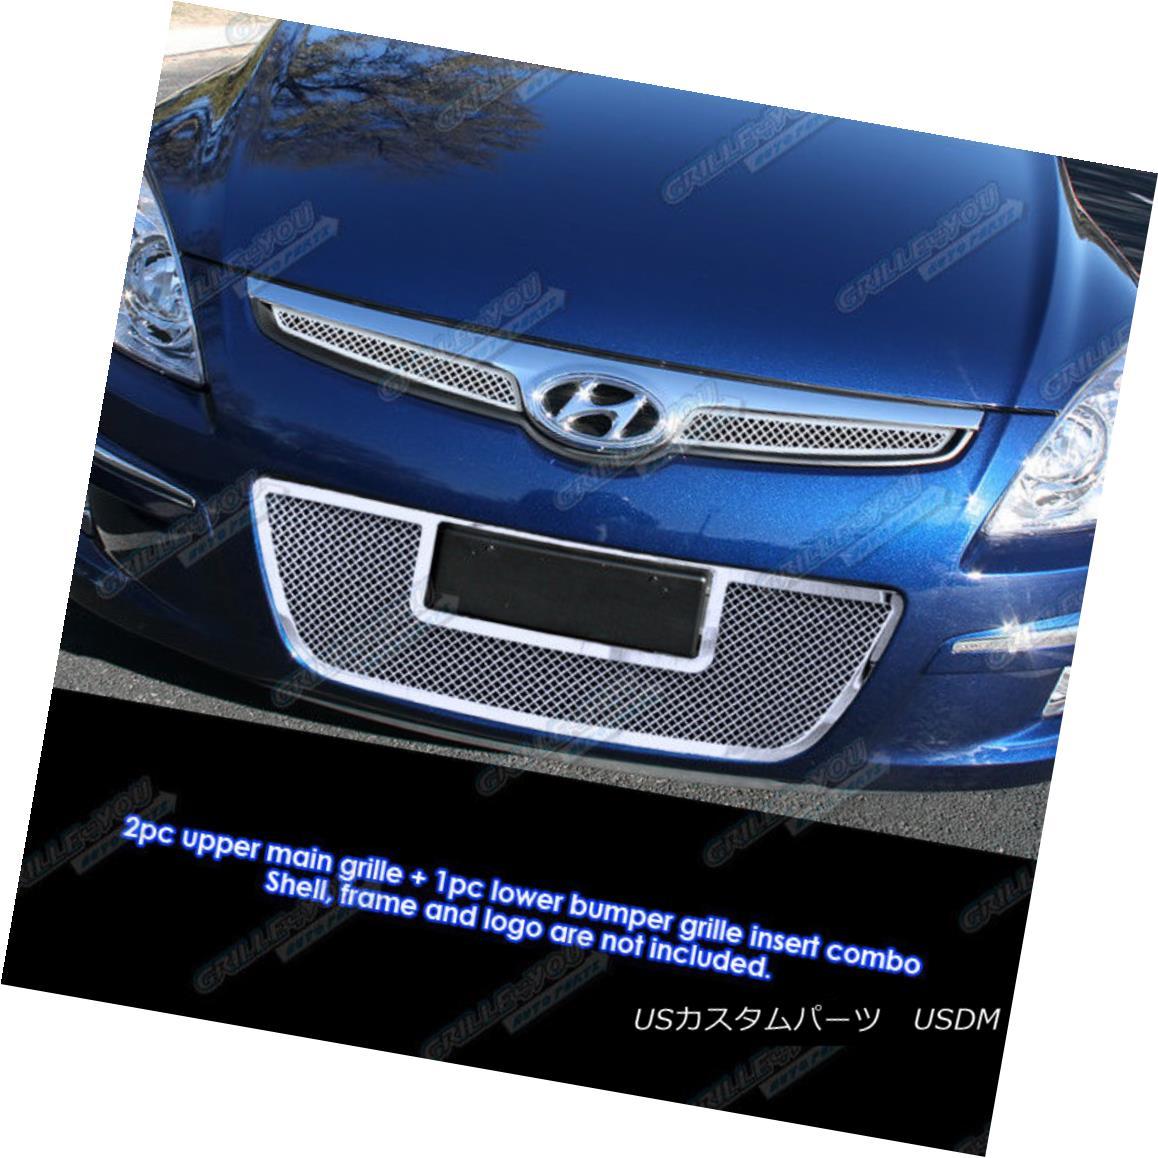 グリル Fits 09-12 Hyundai Elantra Touring Stainless Steel Mesh Grille Grill Combo フィット09-12 Hyundai Elantra Touringステンレスメッシュグリルグリルコンボ